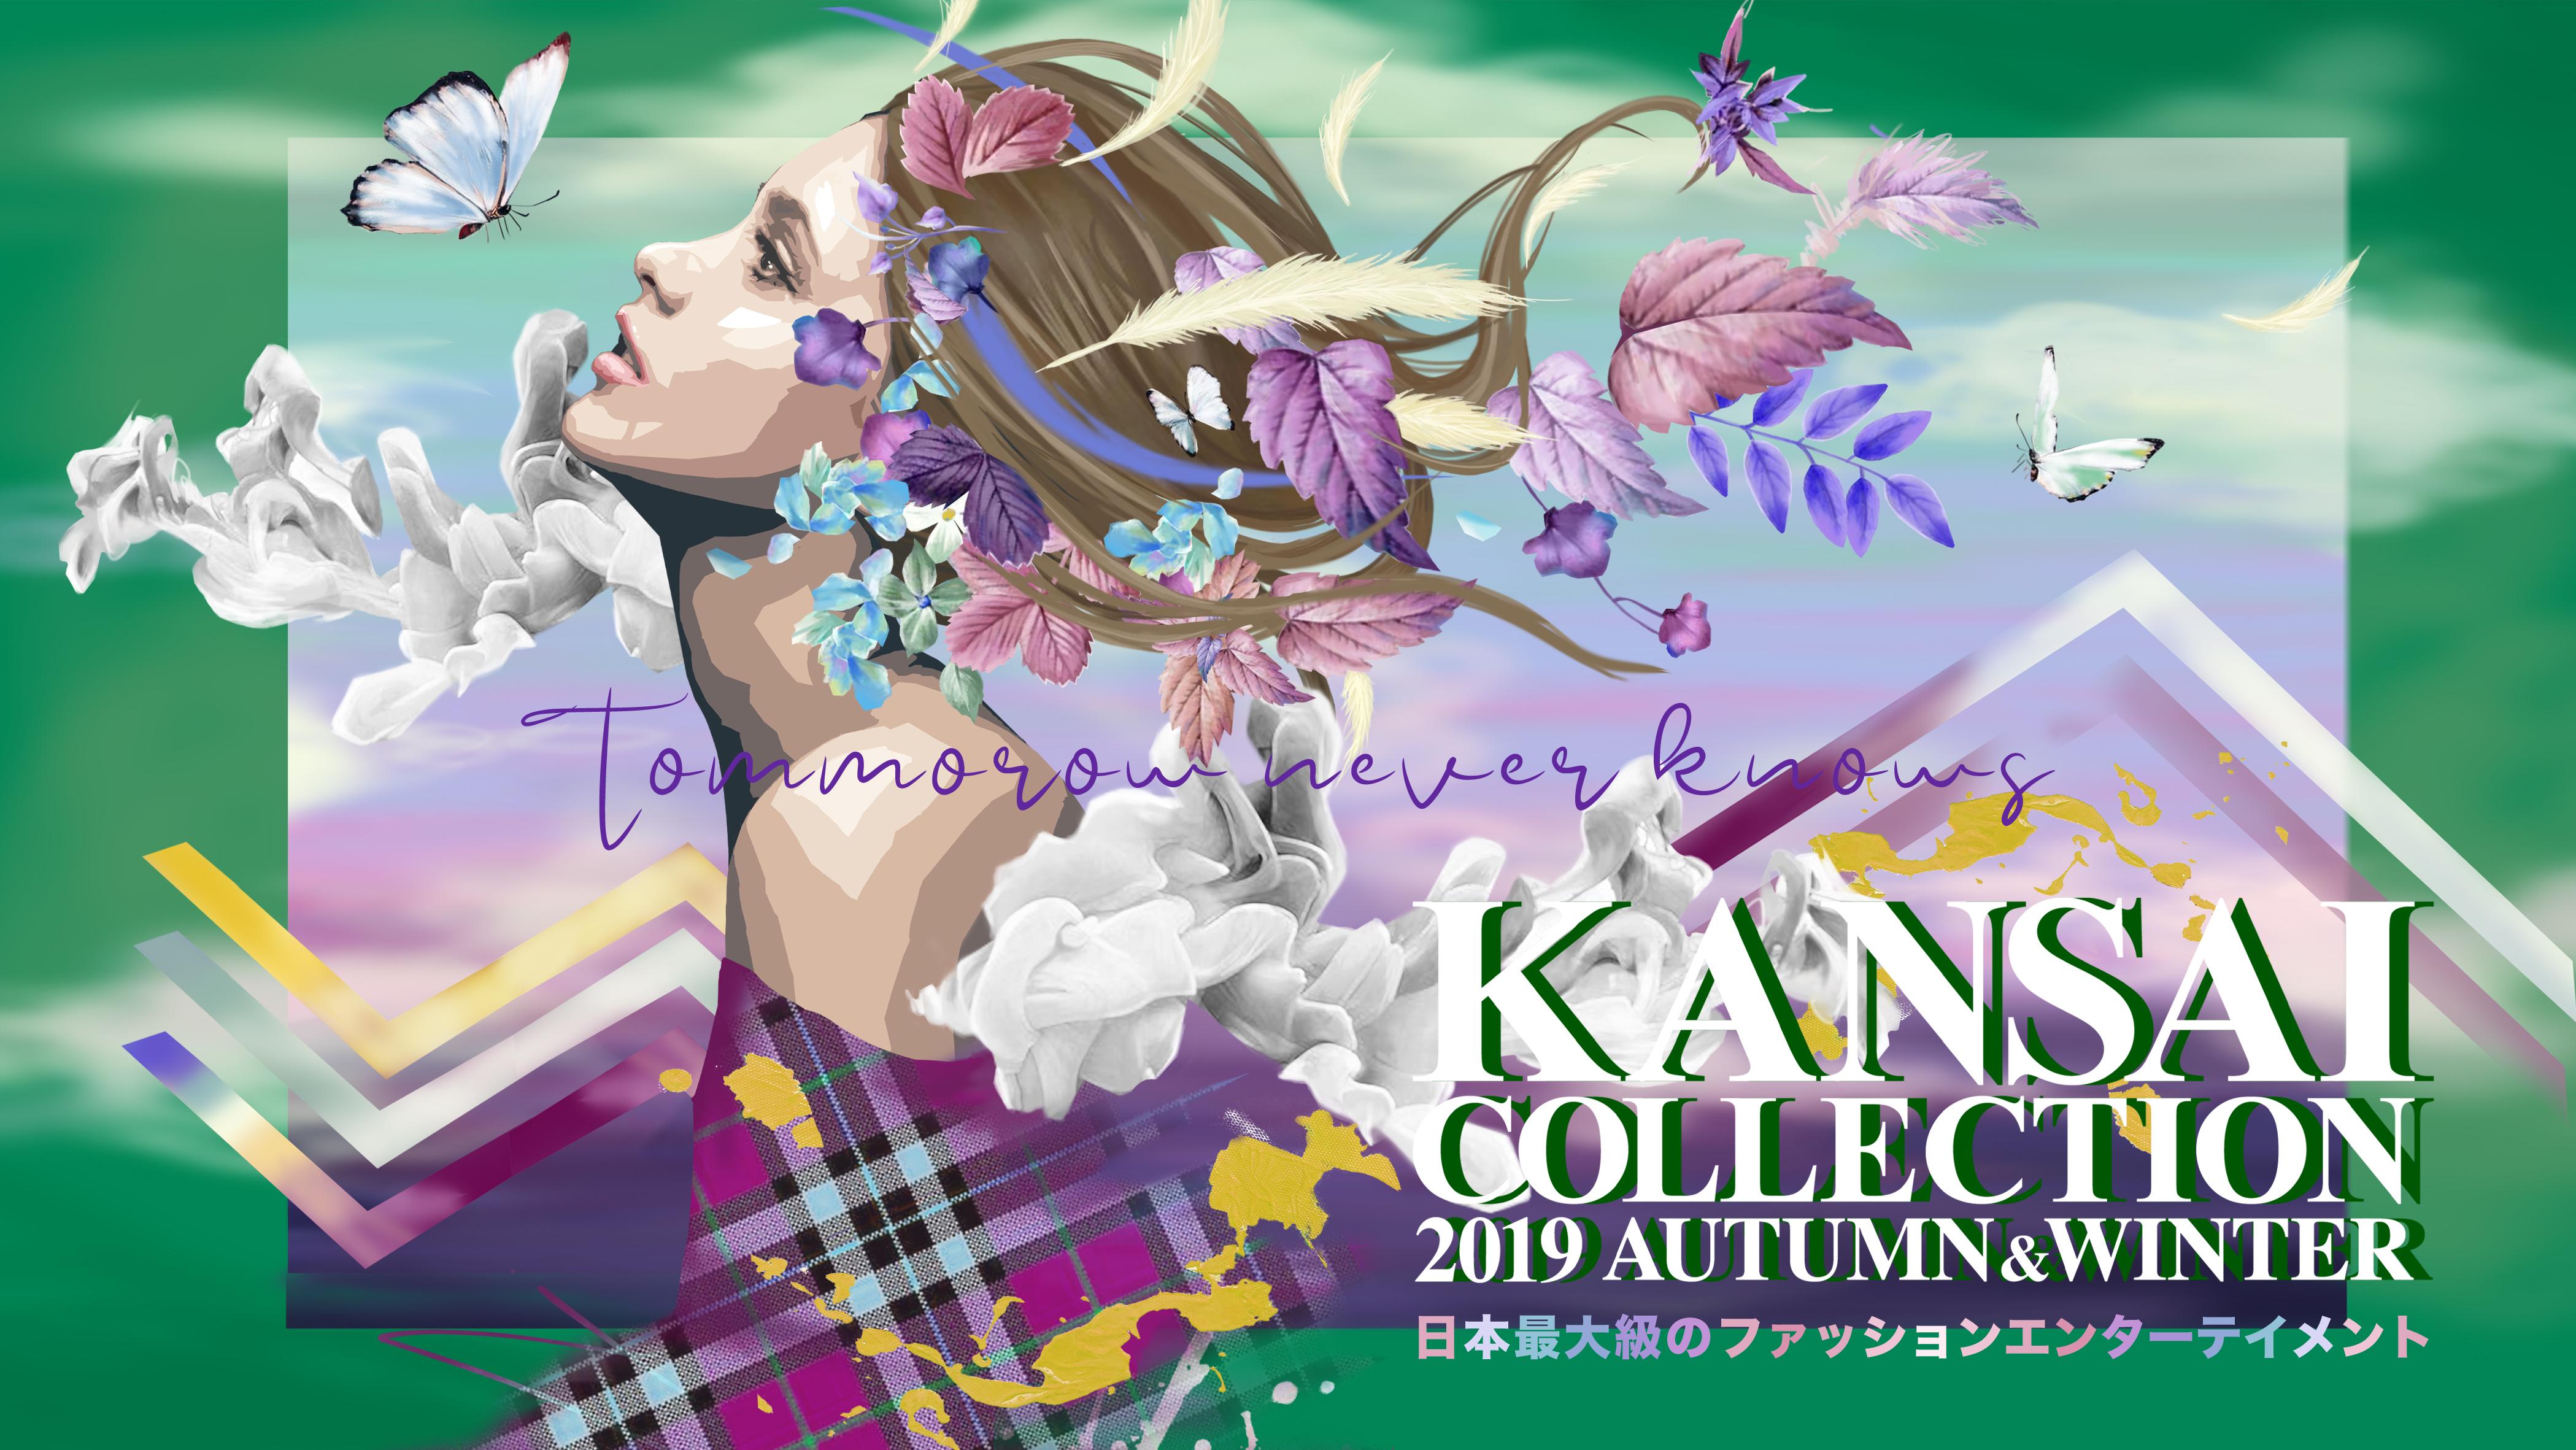 KANSAI COLLECTION 2019 AUTUMN &WINTER